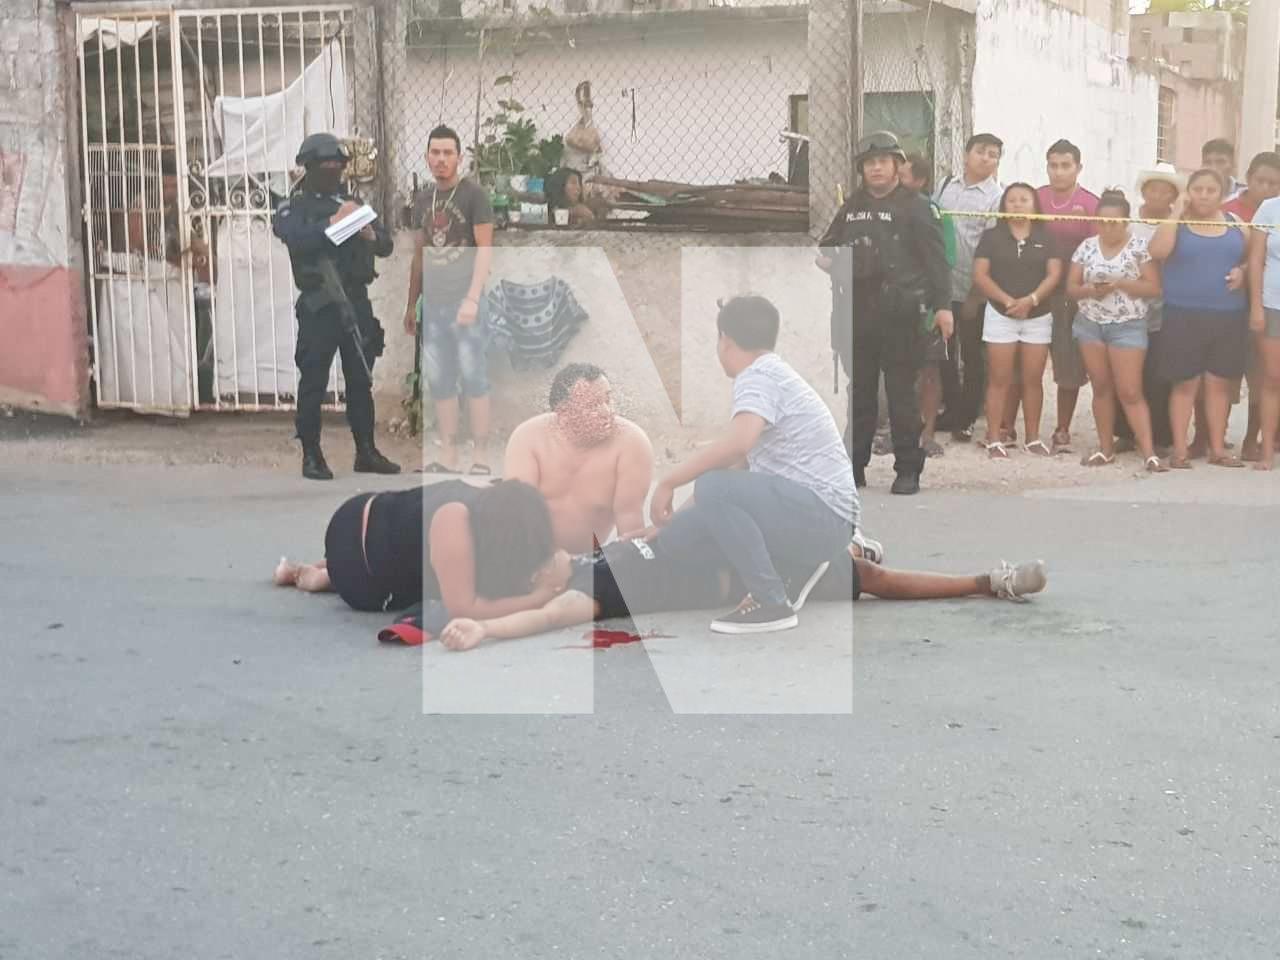 PRELIMINAR | EJECUTADOS EN LA REGIÓN 95: Matan a balazos a dos personas cerca de la Avenida Industrial de Cancún